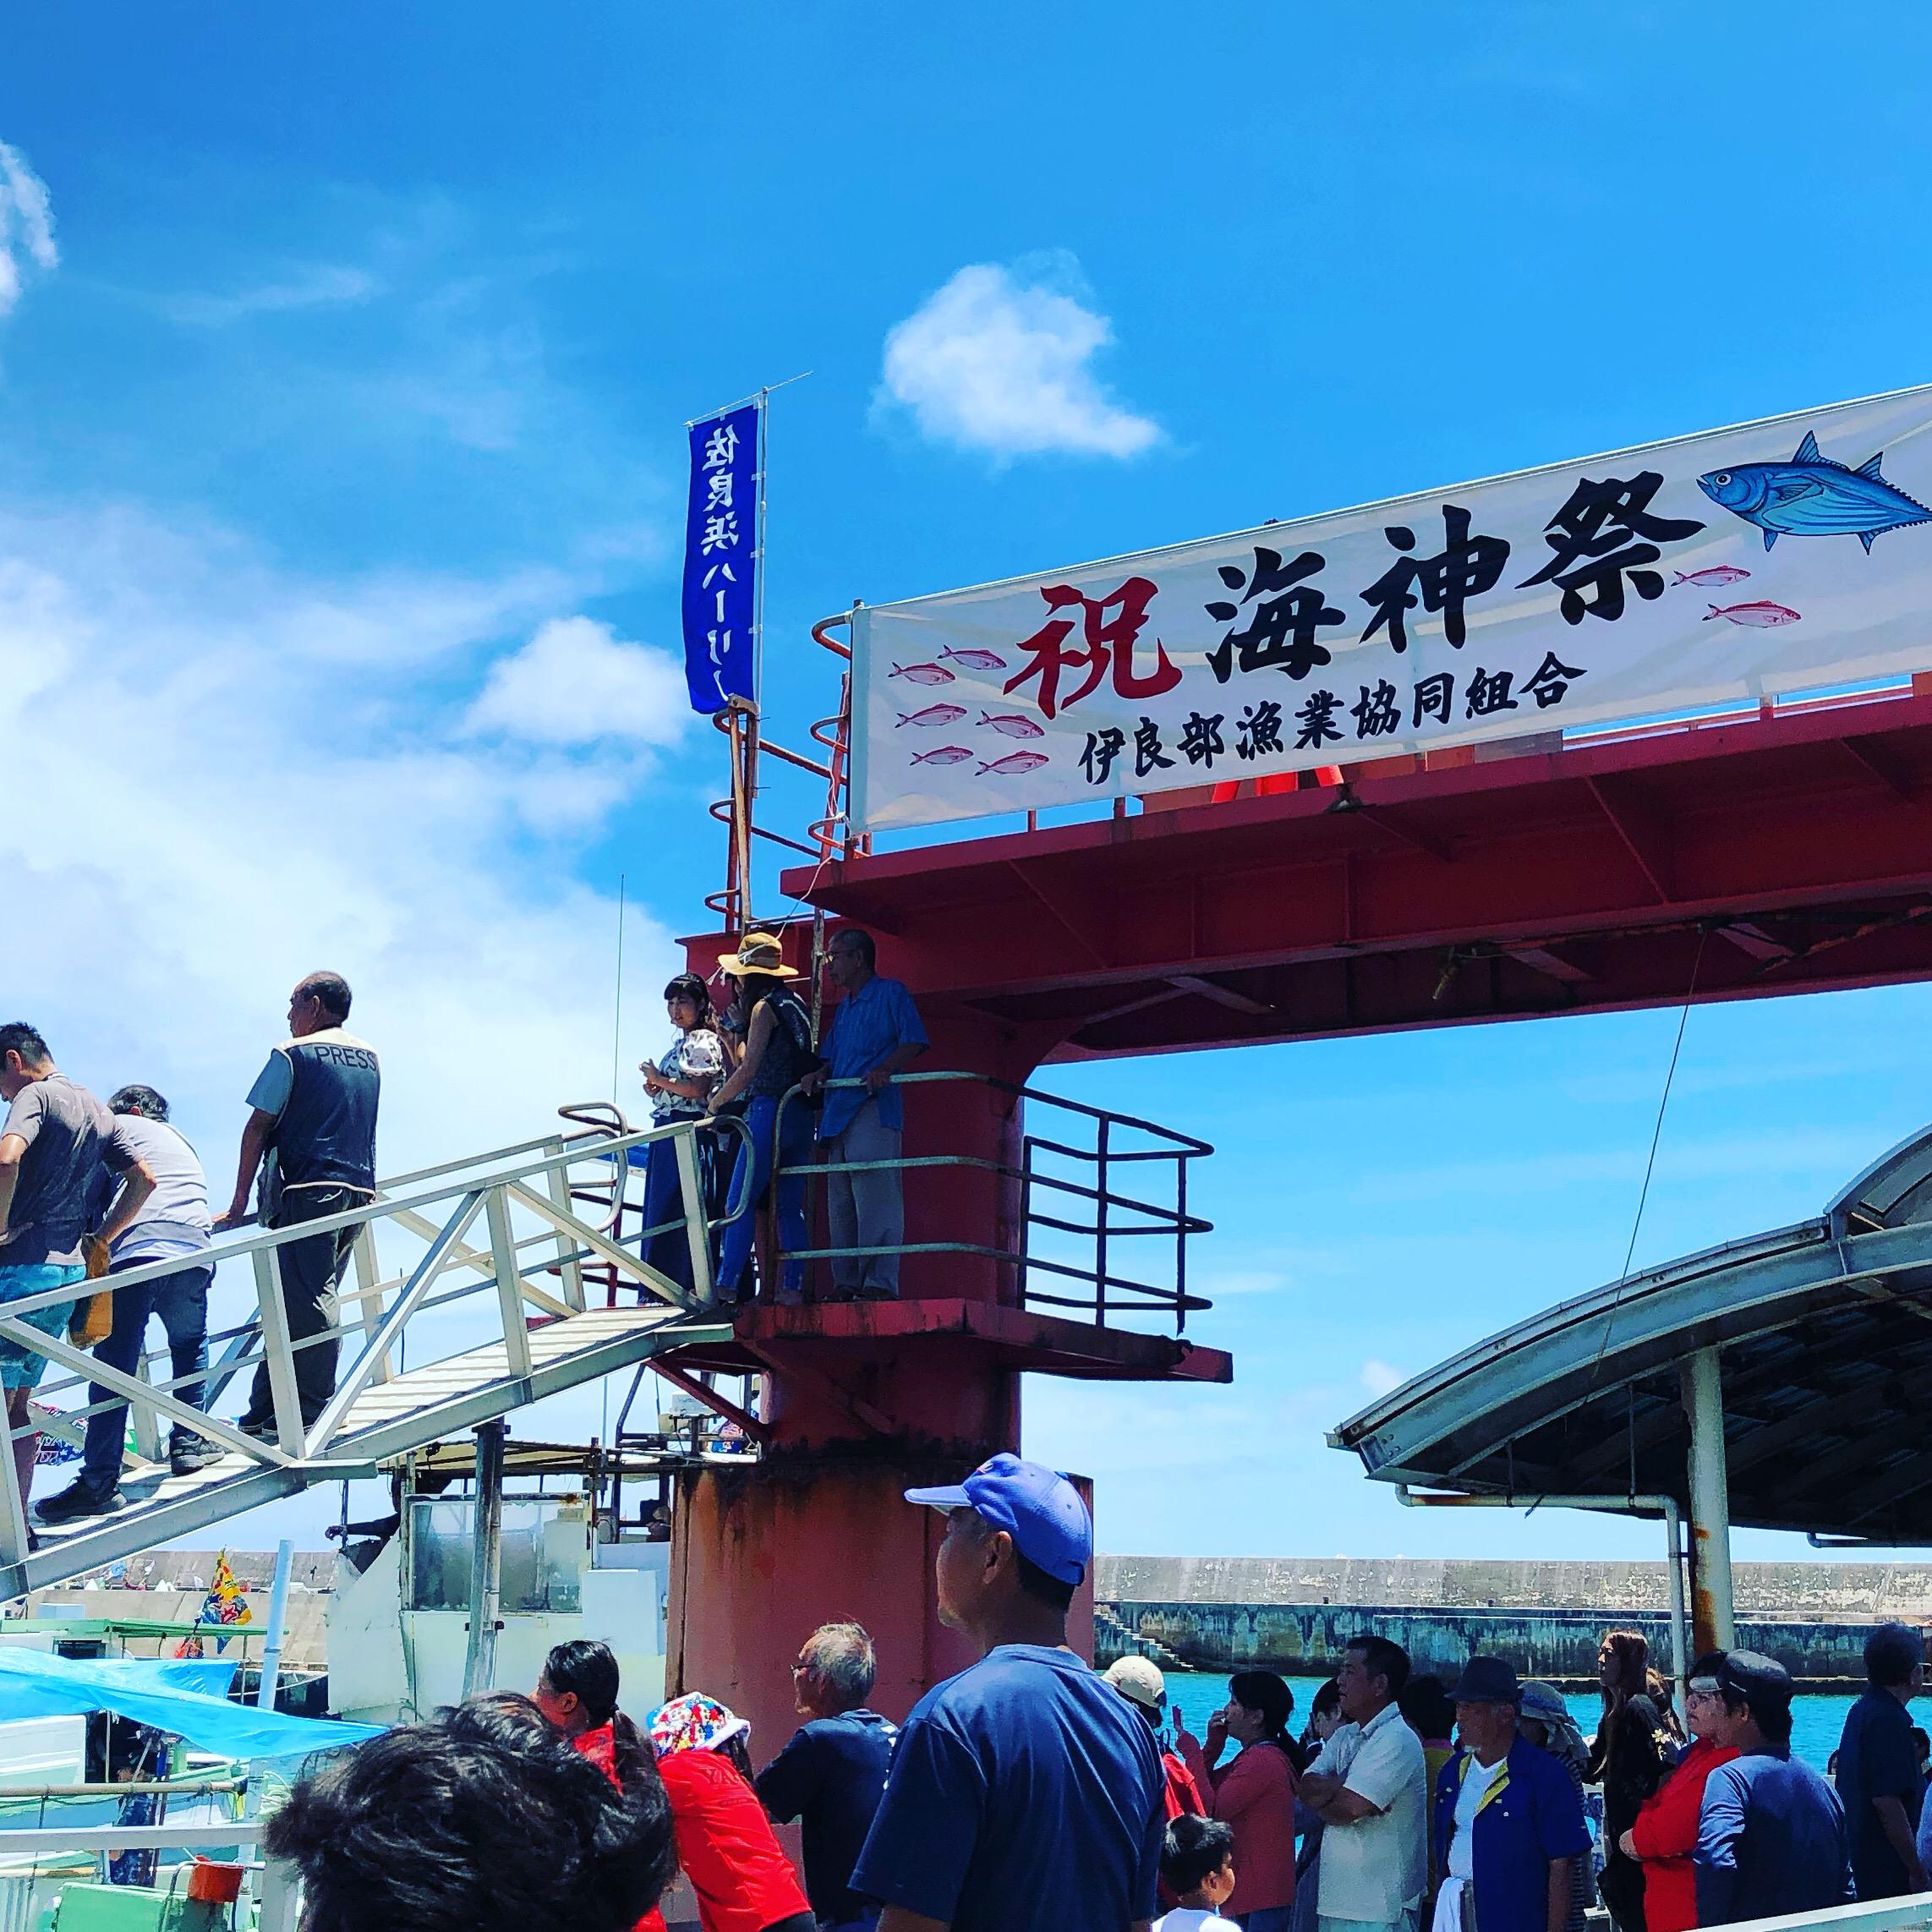 2019.06.06佐良浜港 海神祭(ハーリー)と「おーばんまい」